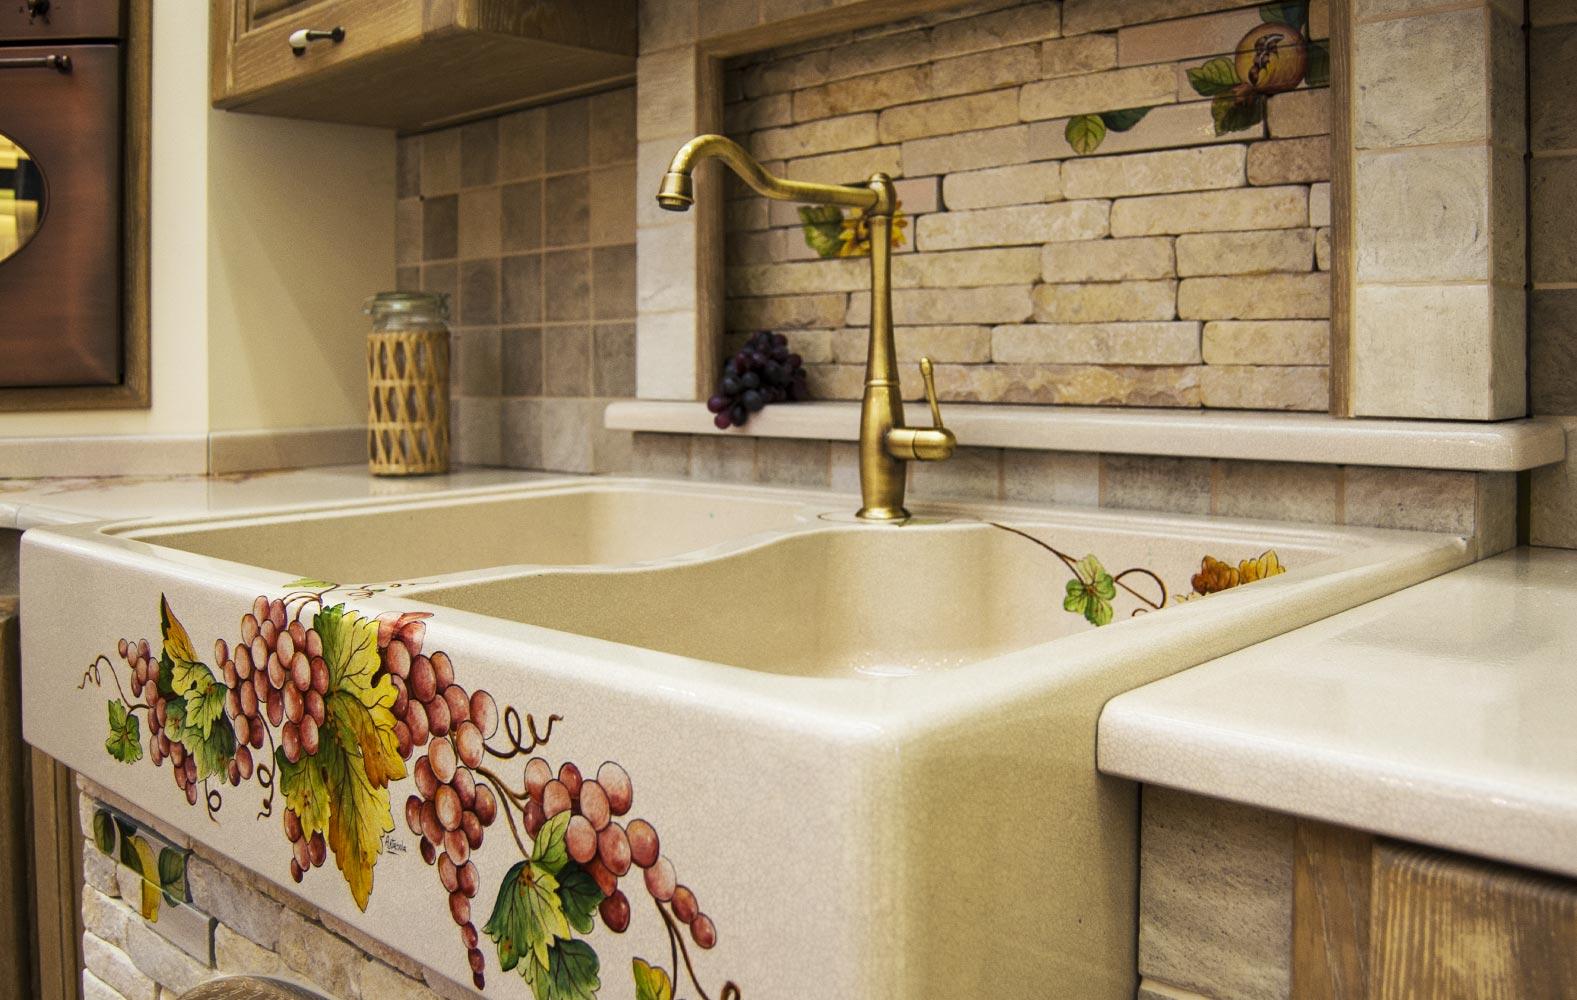 Cucine in muratura smontabile con top decorati a mano ...